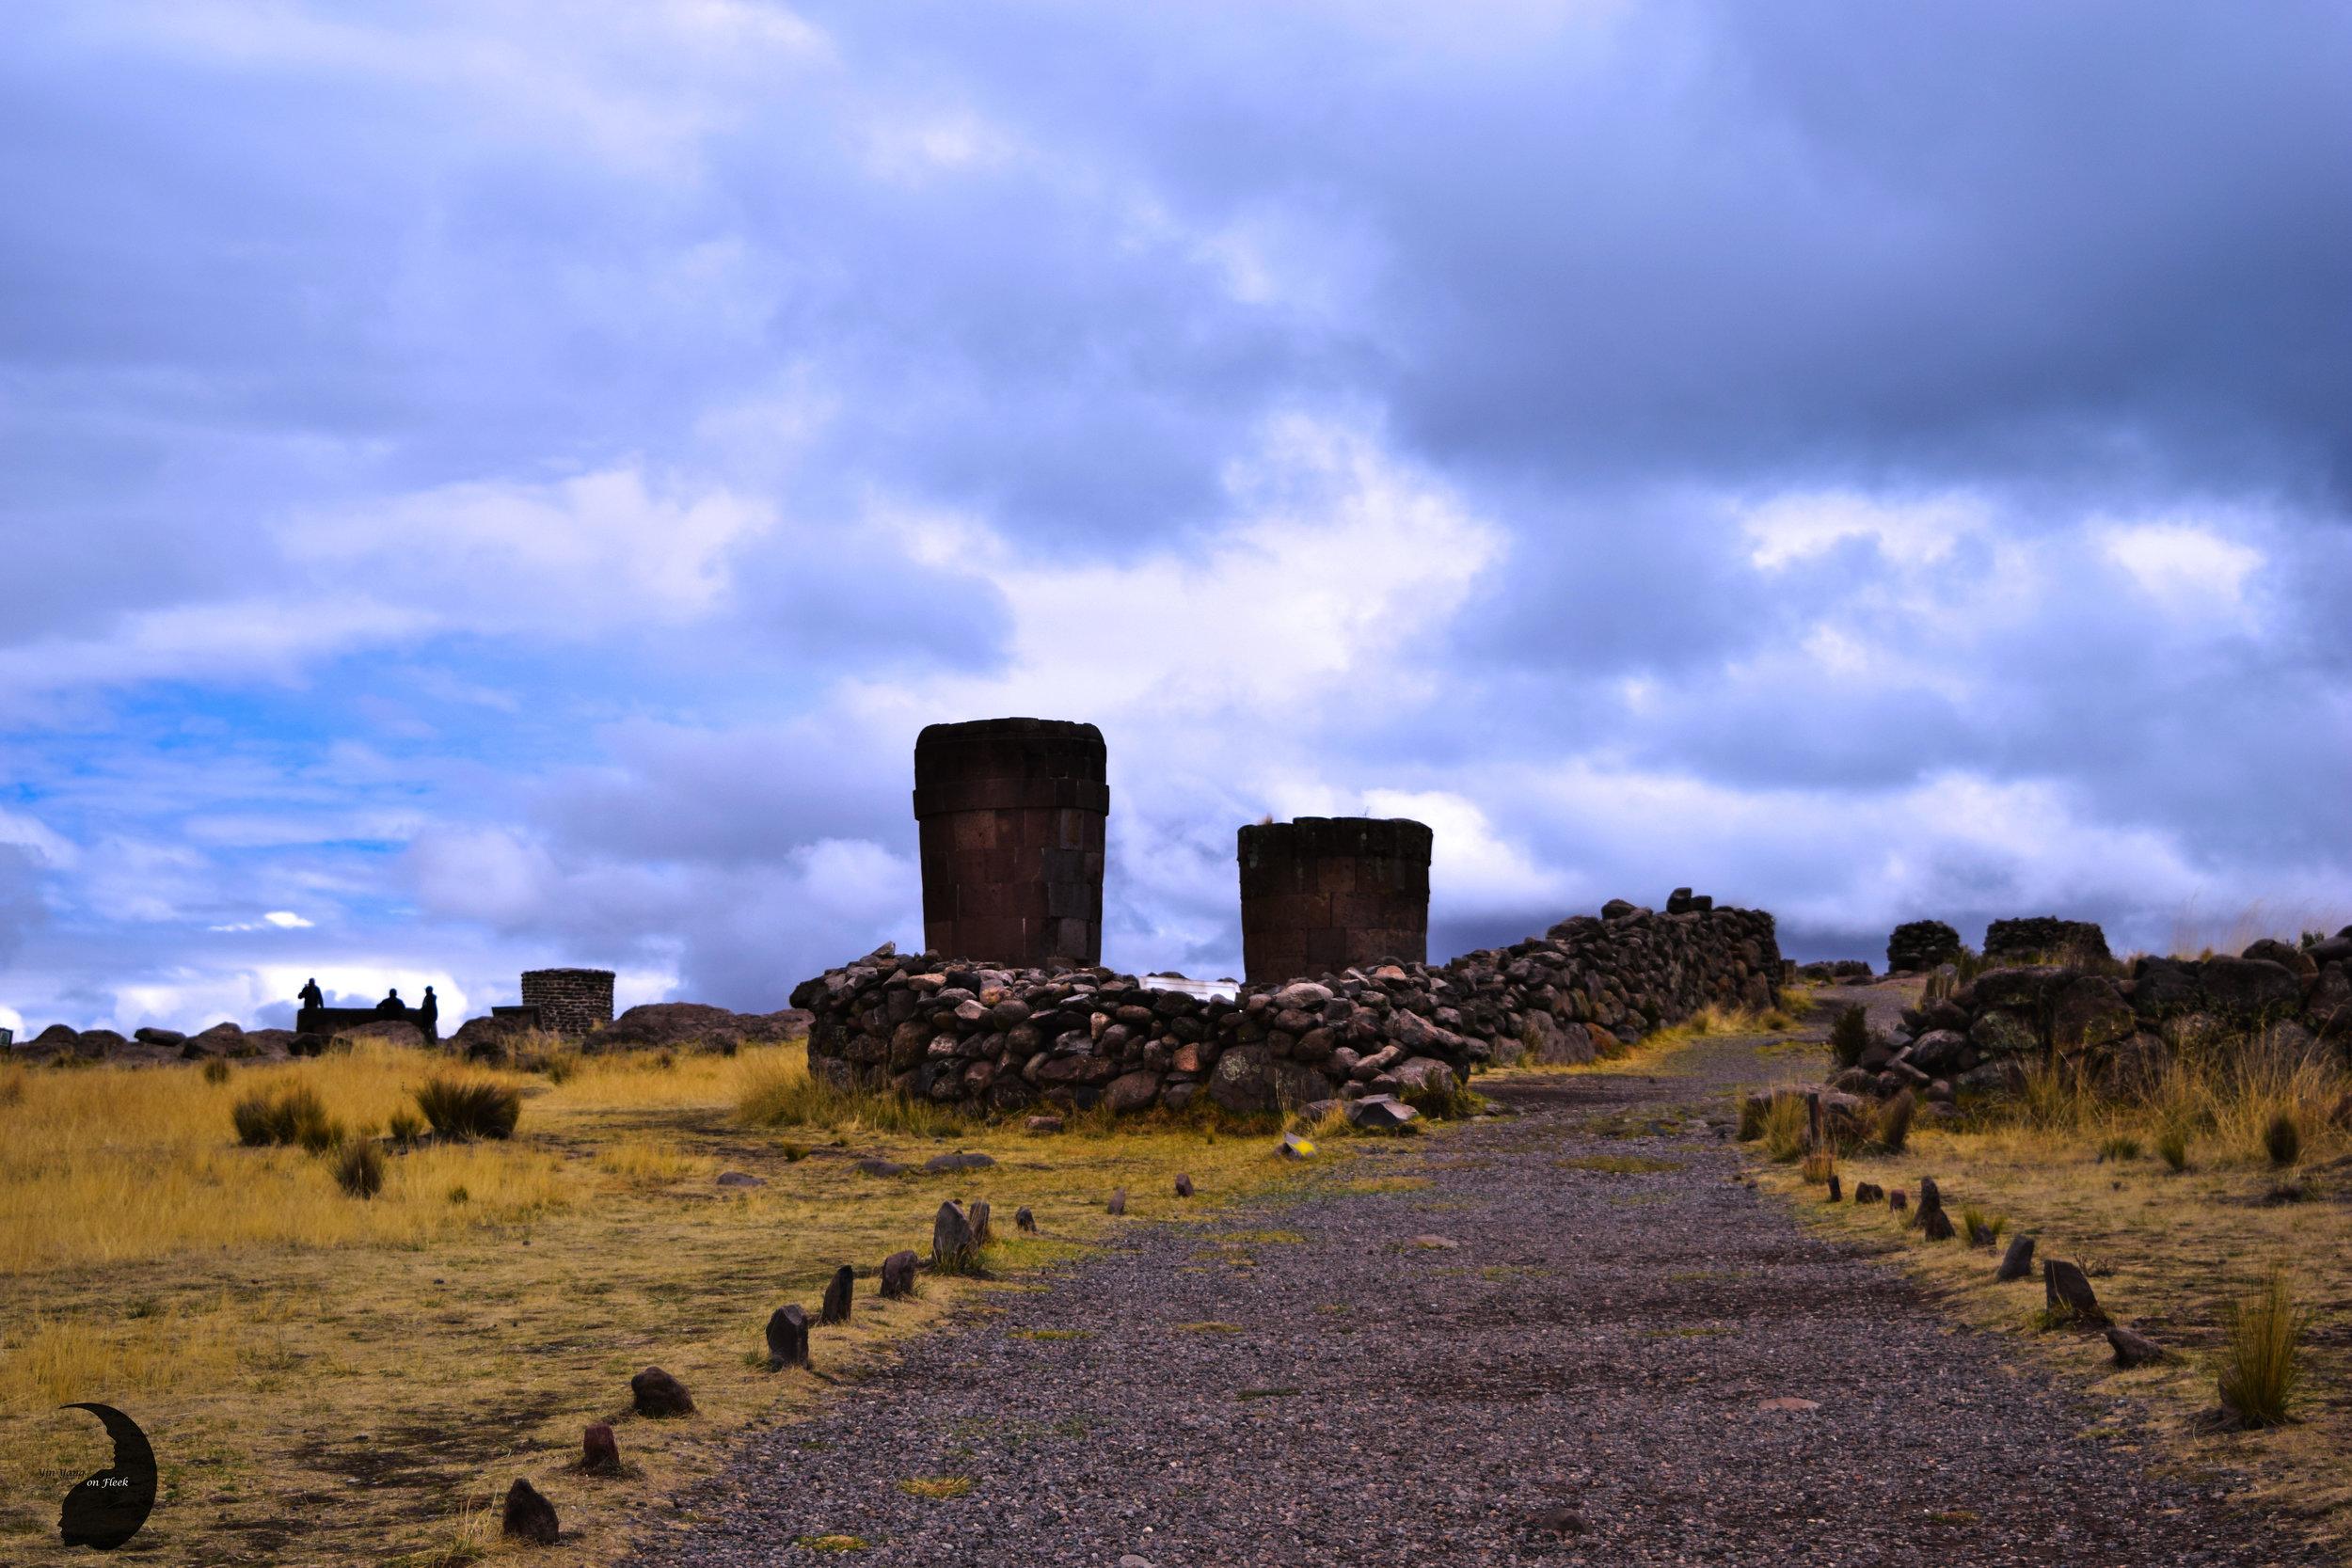 Dramatic Skies- Sillustani, Peru